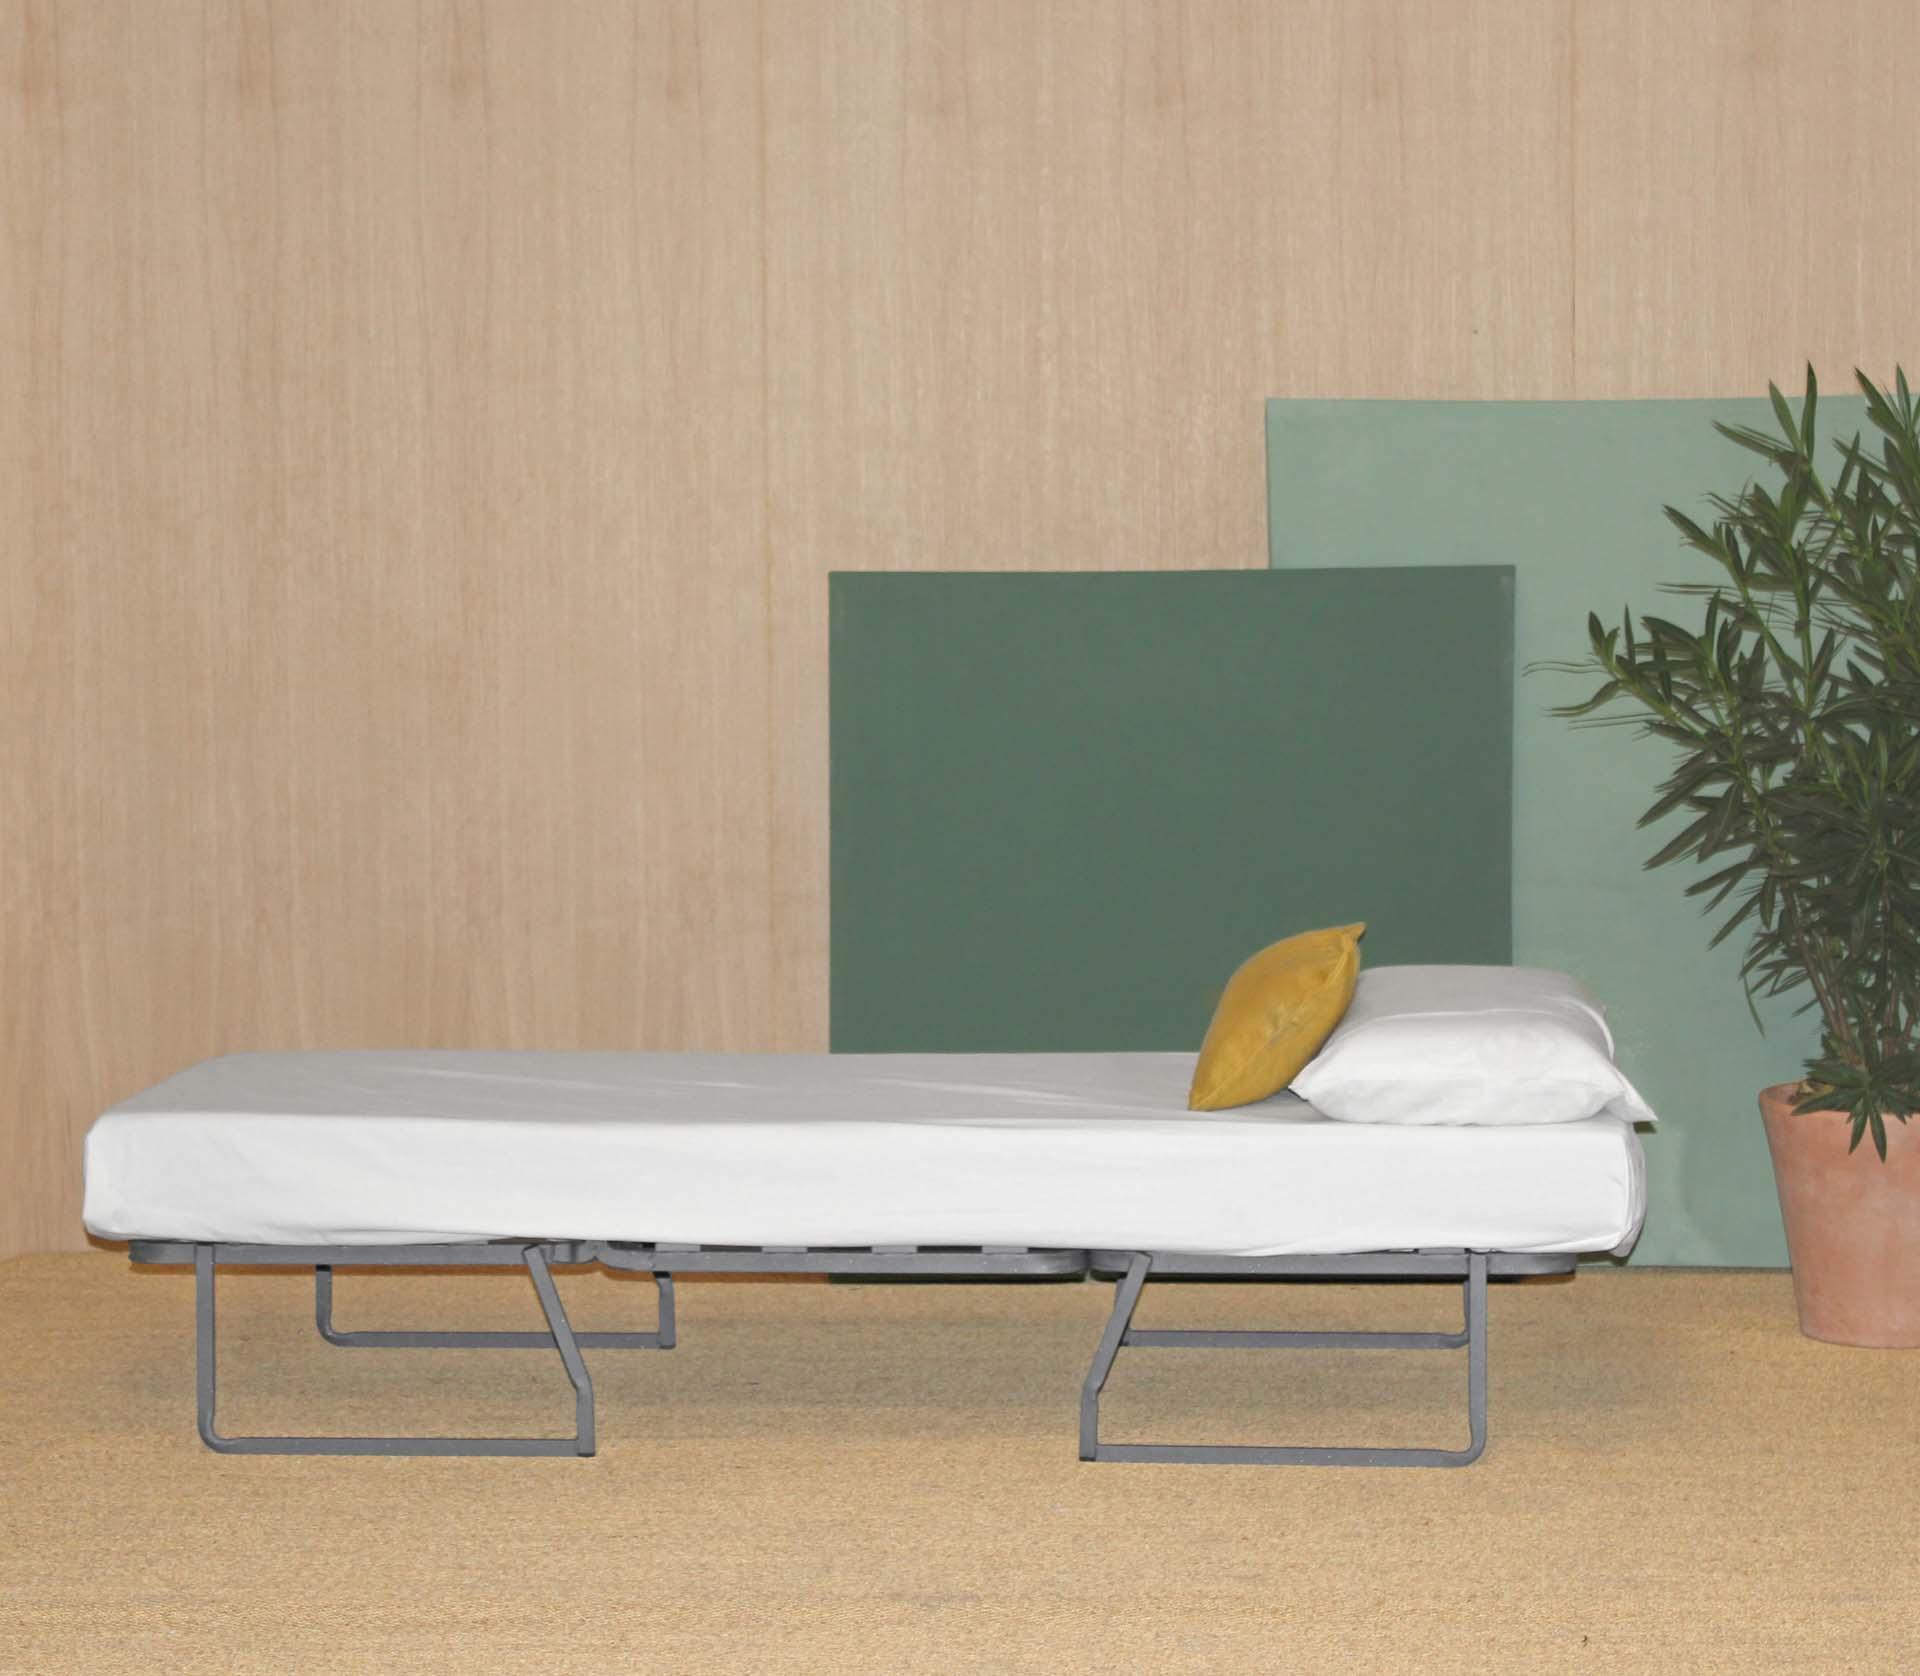 Mobiliario para residencias de estética cuidada y funcional de SENIORCARE